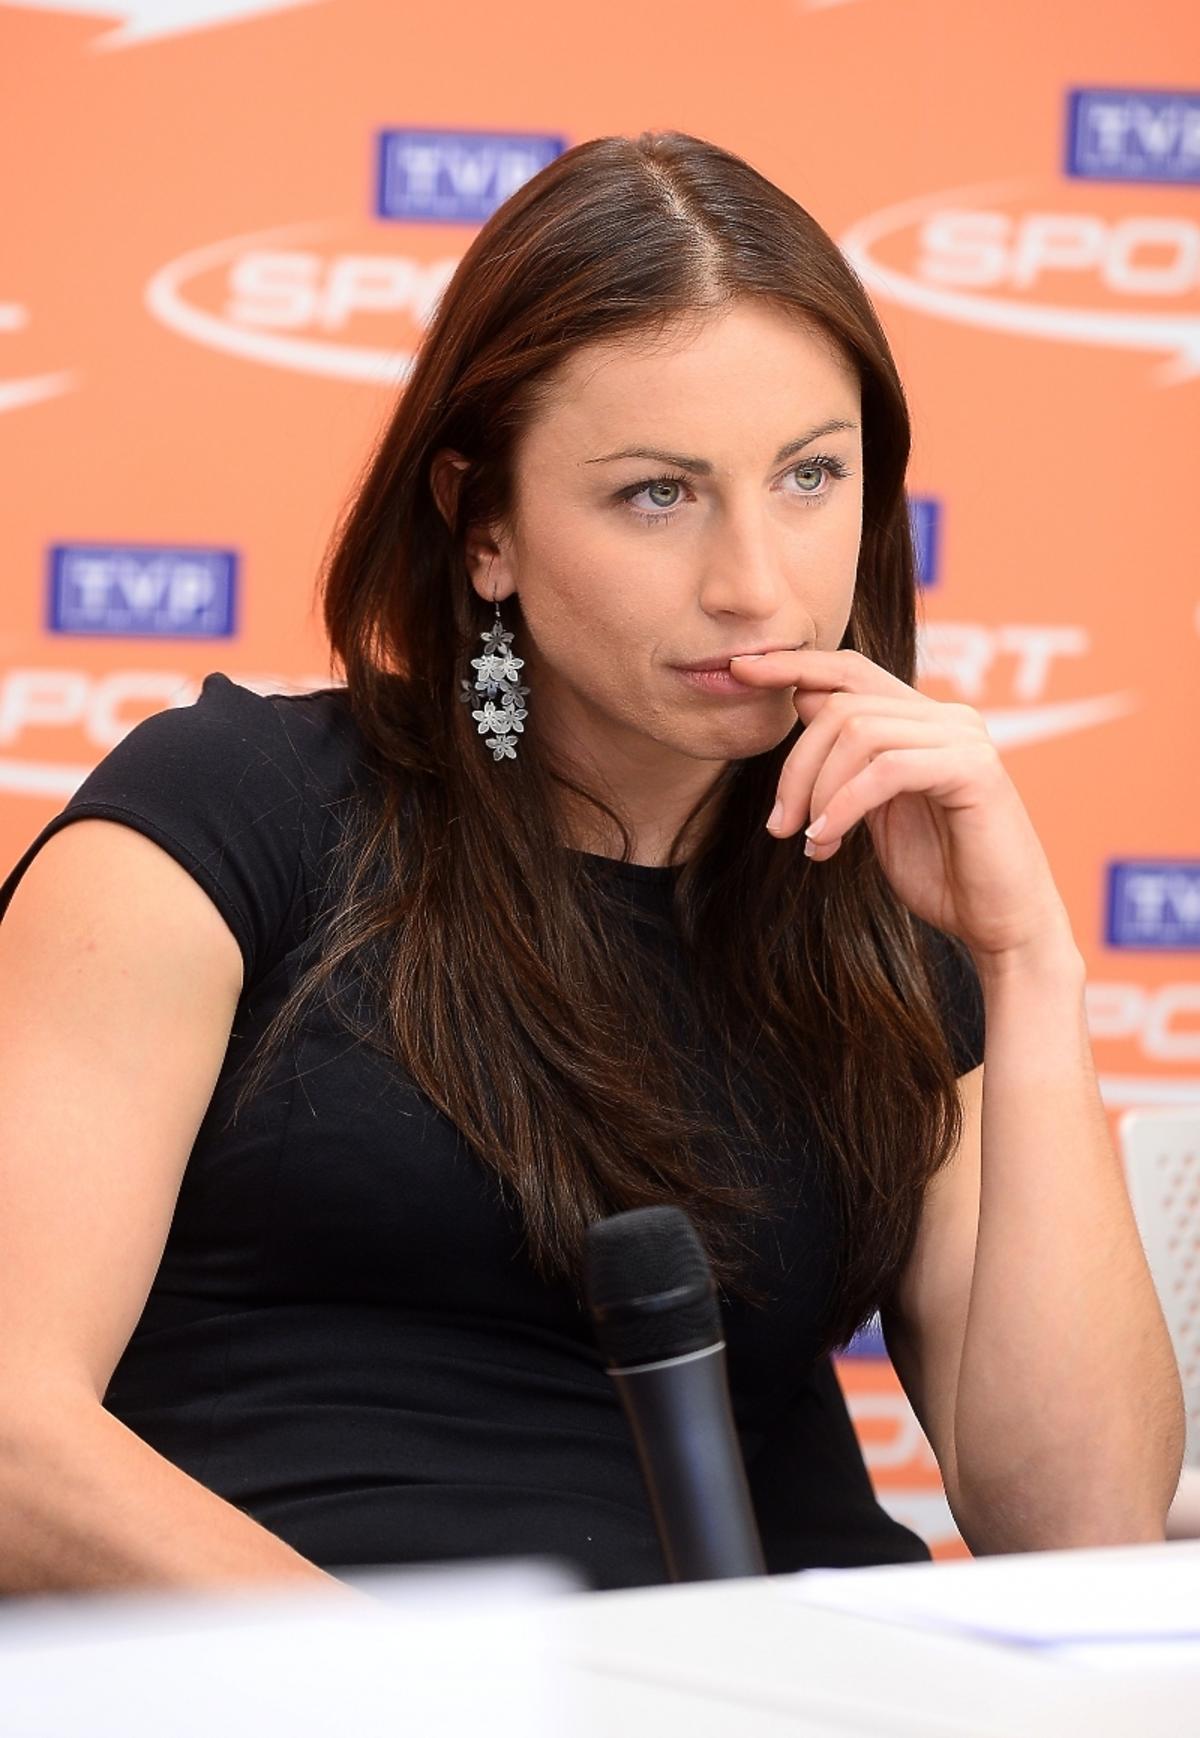 Szokujący wywiad Justyny Kowalczyk dla Gazety Wyborczej